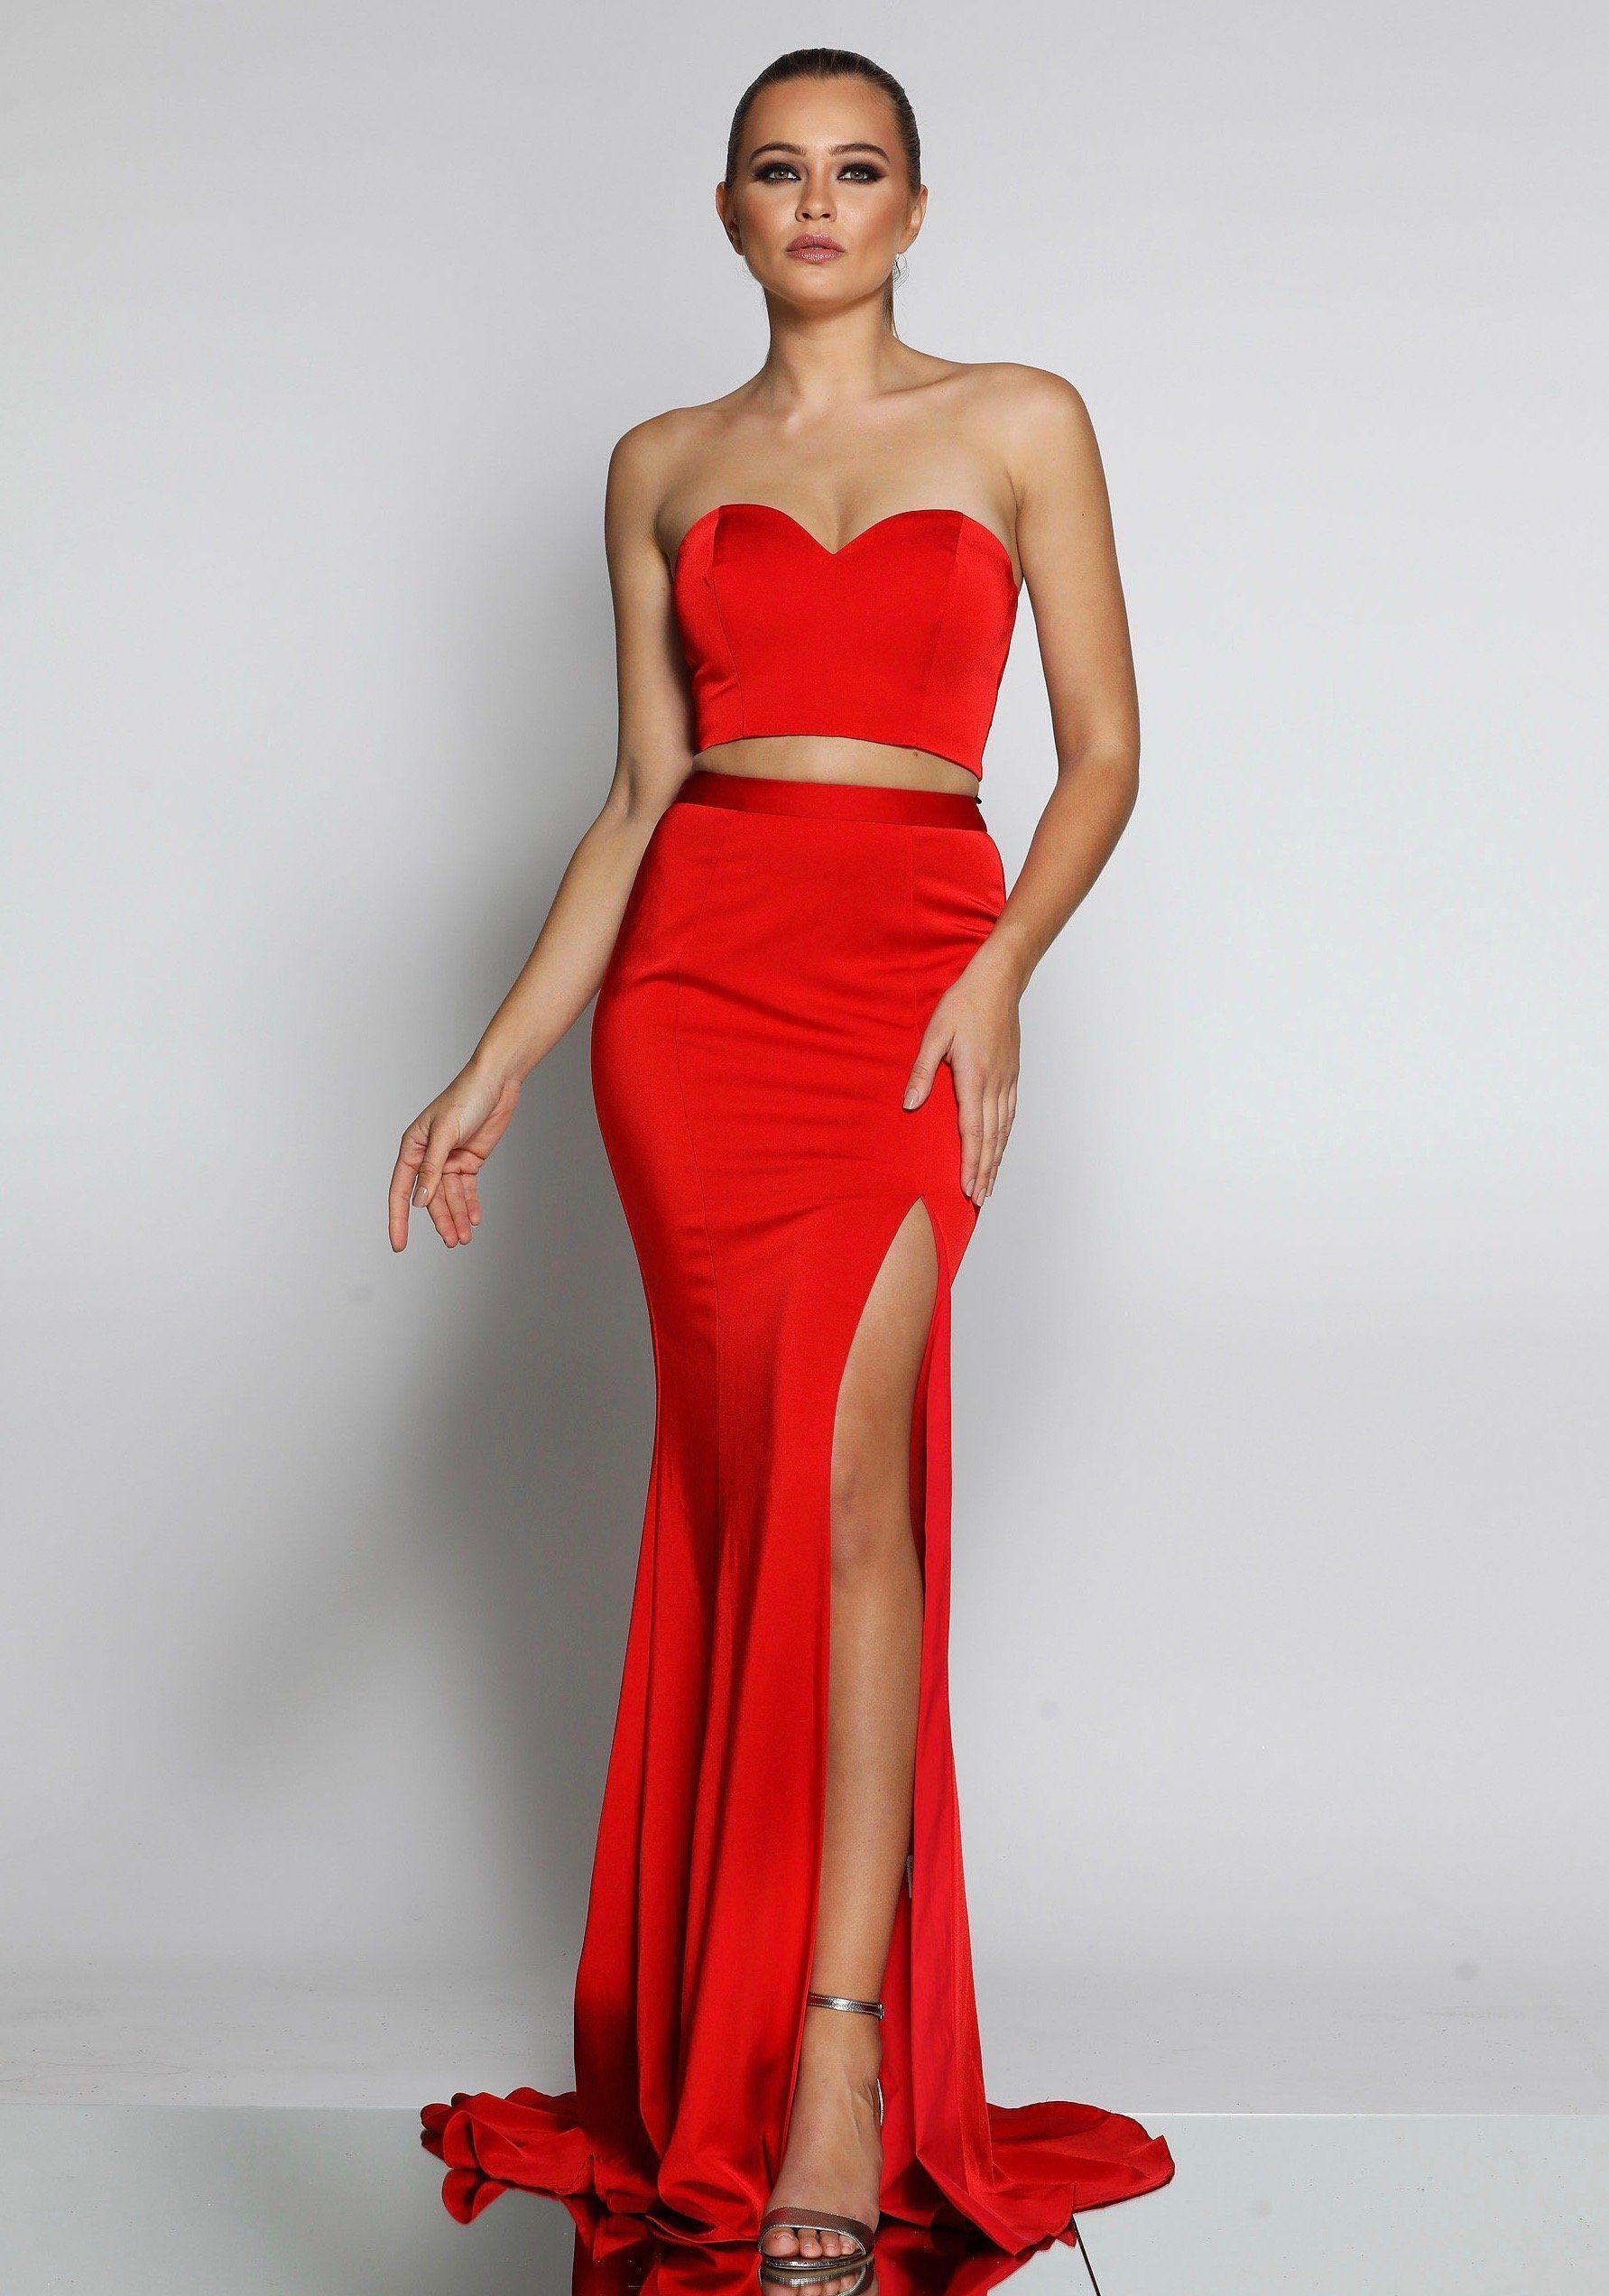 Jadore jx1001 red two piece mermaid split formal set red